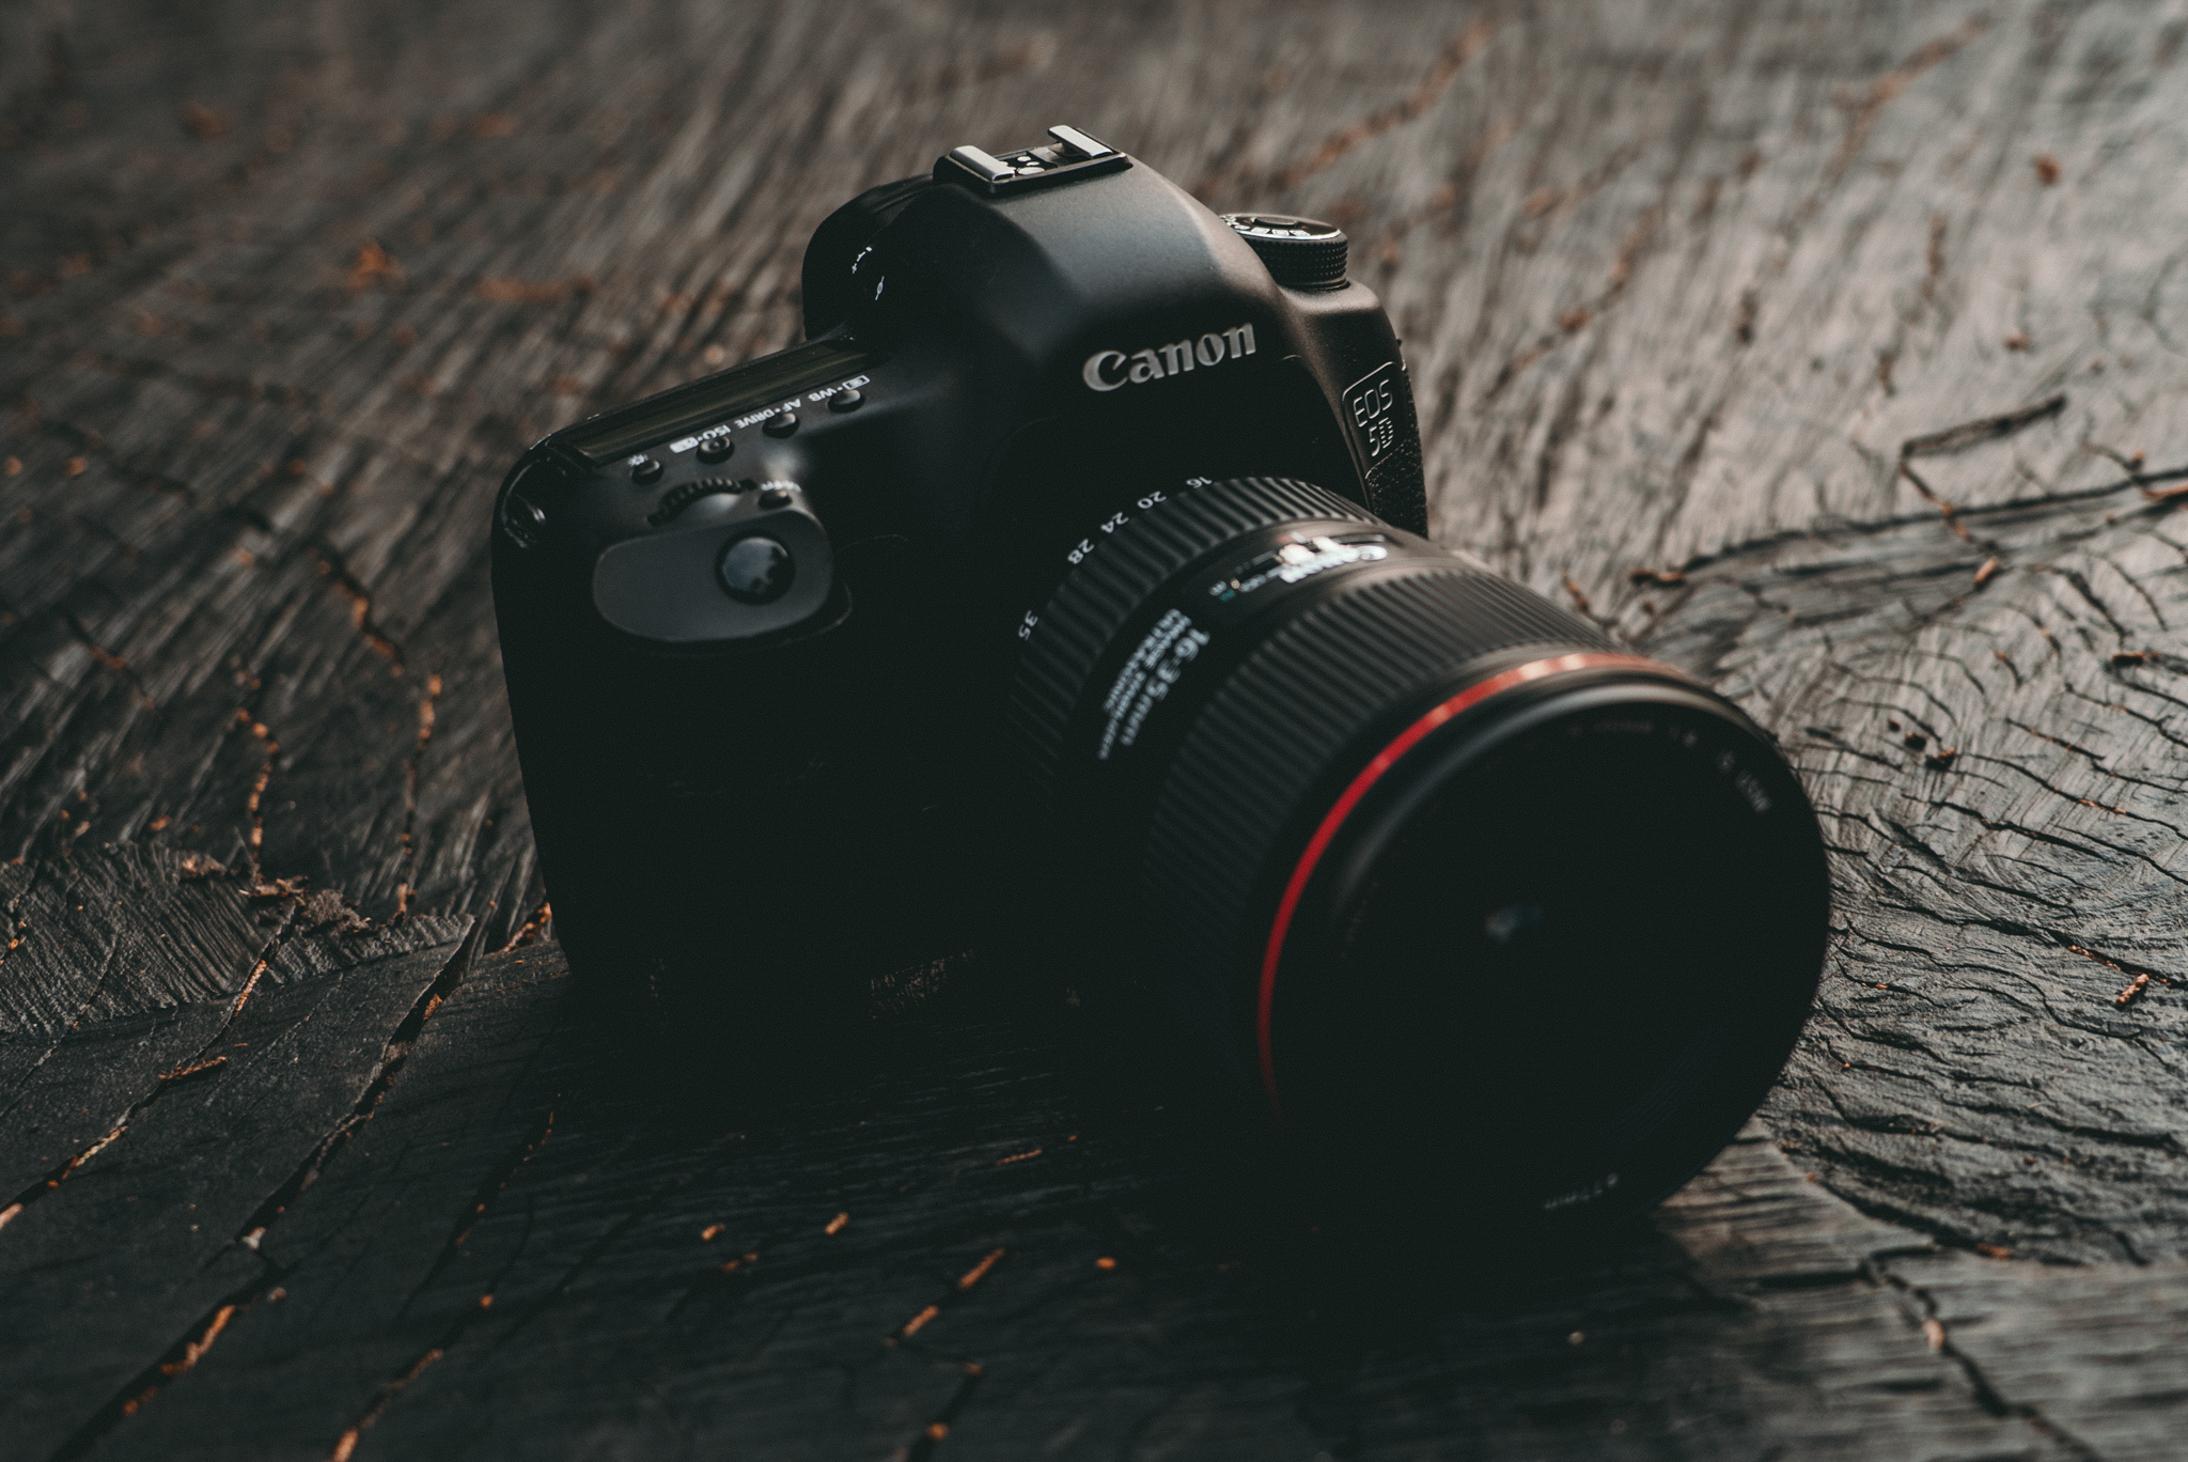 - Photographer